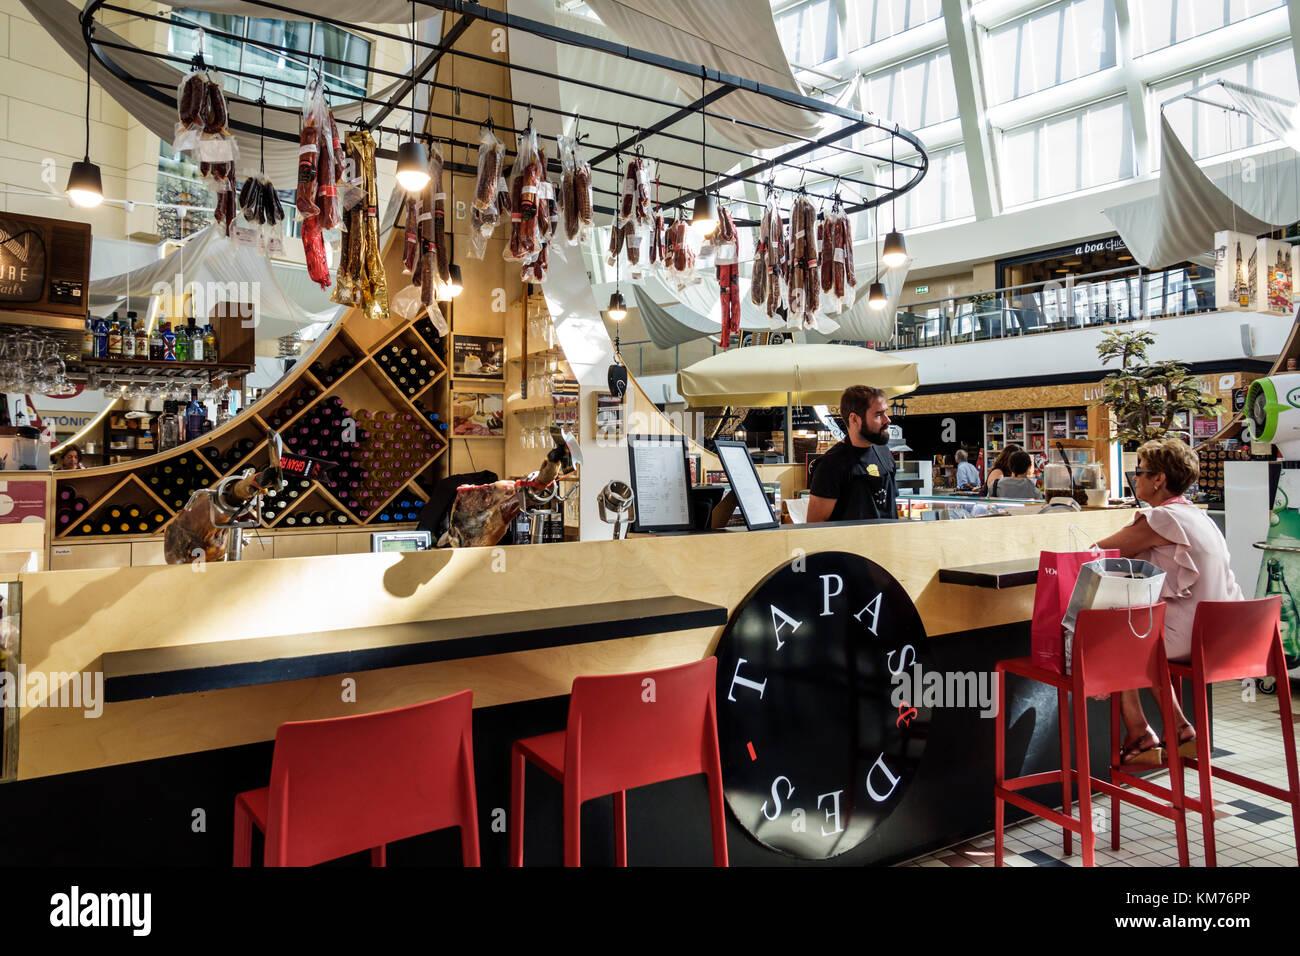 Porto Portugal Mercado do Bom Sucesso urban market food court dining vendor stand kiosk Tapas & Des restaurant - Stock Image